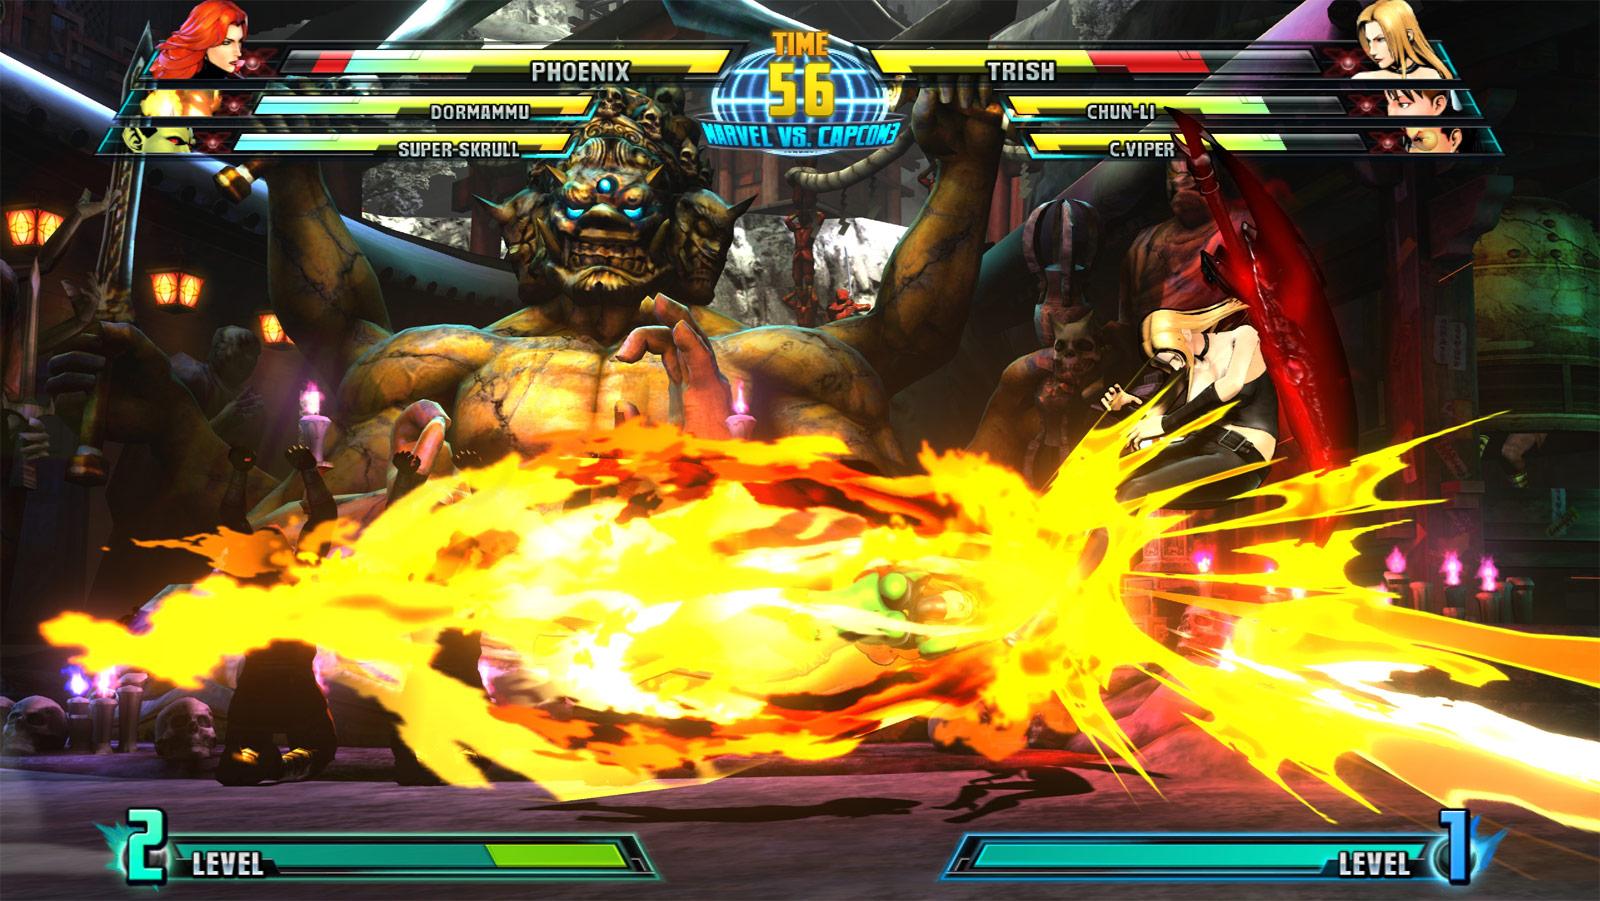 Phoenix and Haggar screen shots for Marvel vs. Capcom 3 #20